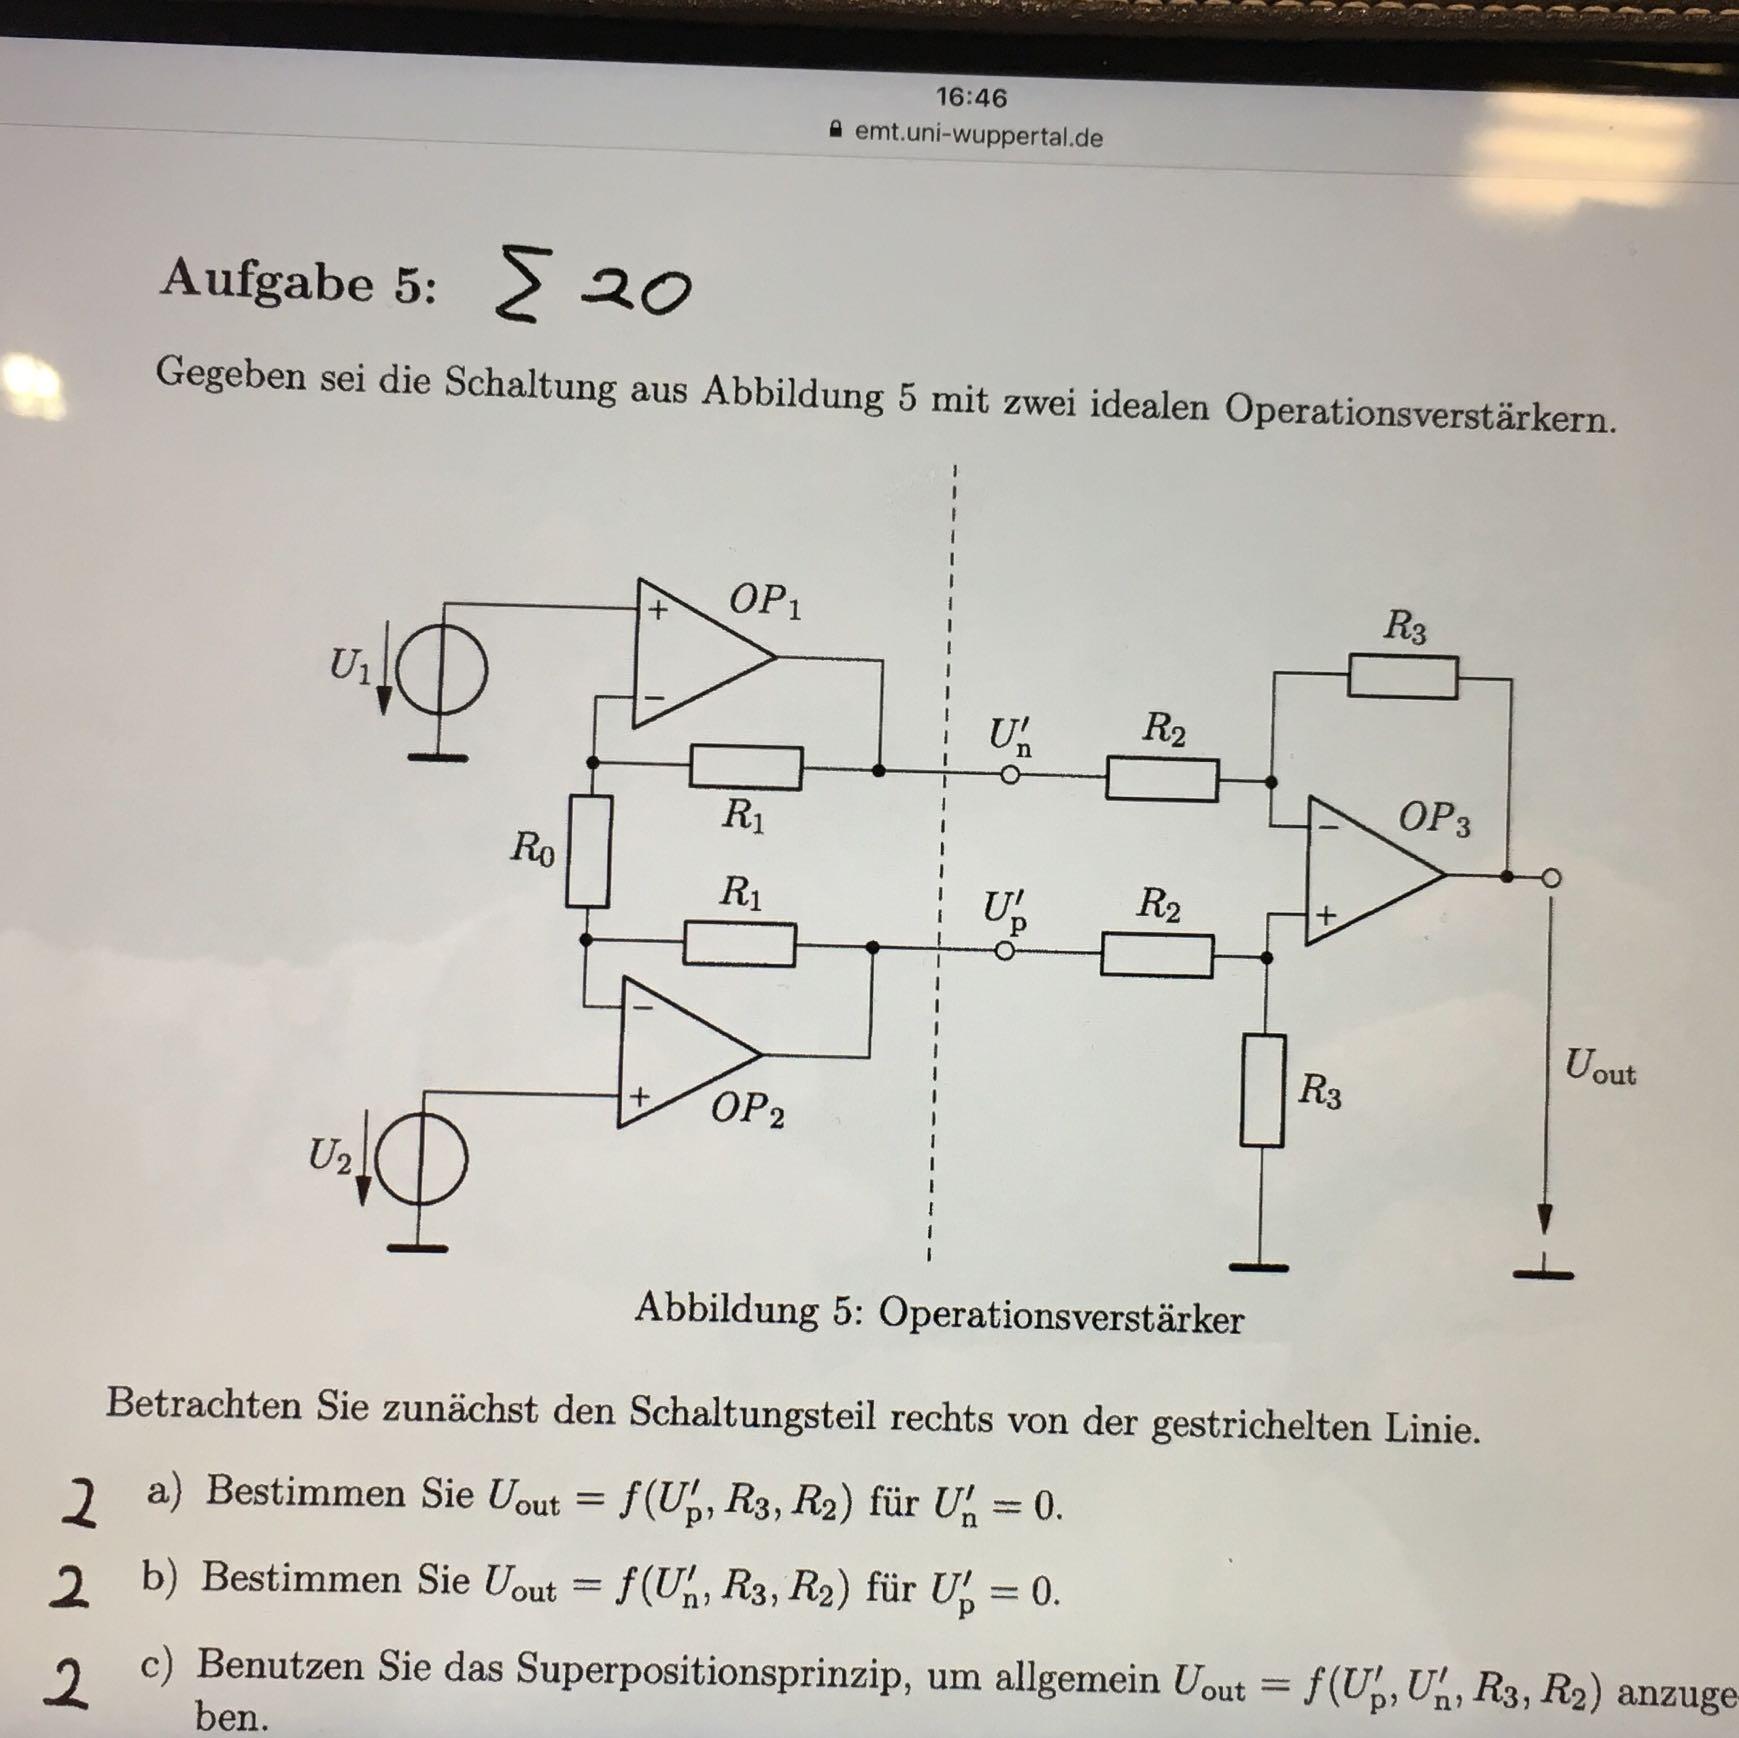 Atemberaubend Schaltung Ldr Bilder - Schaltplan Serie Circuit ...